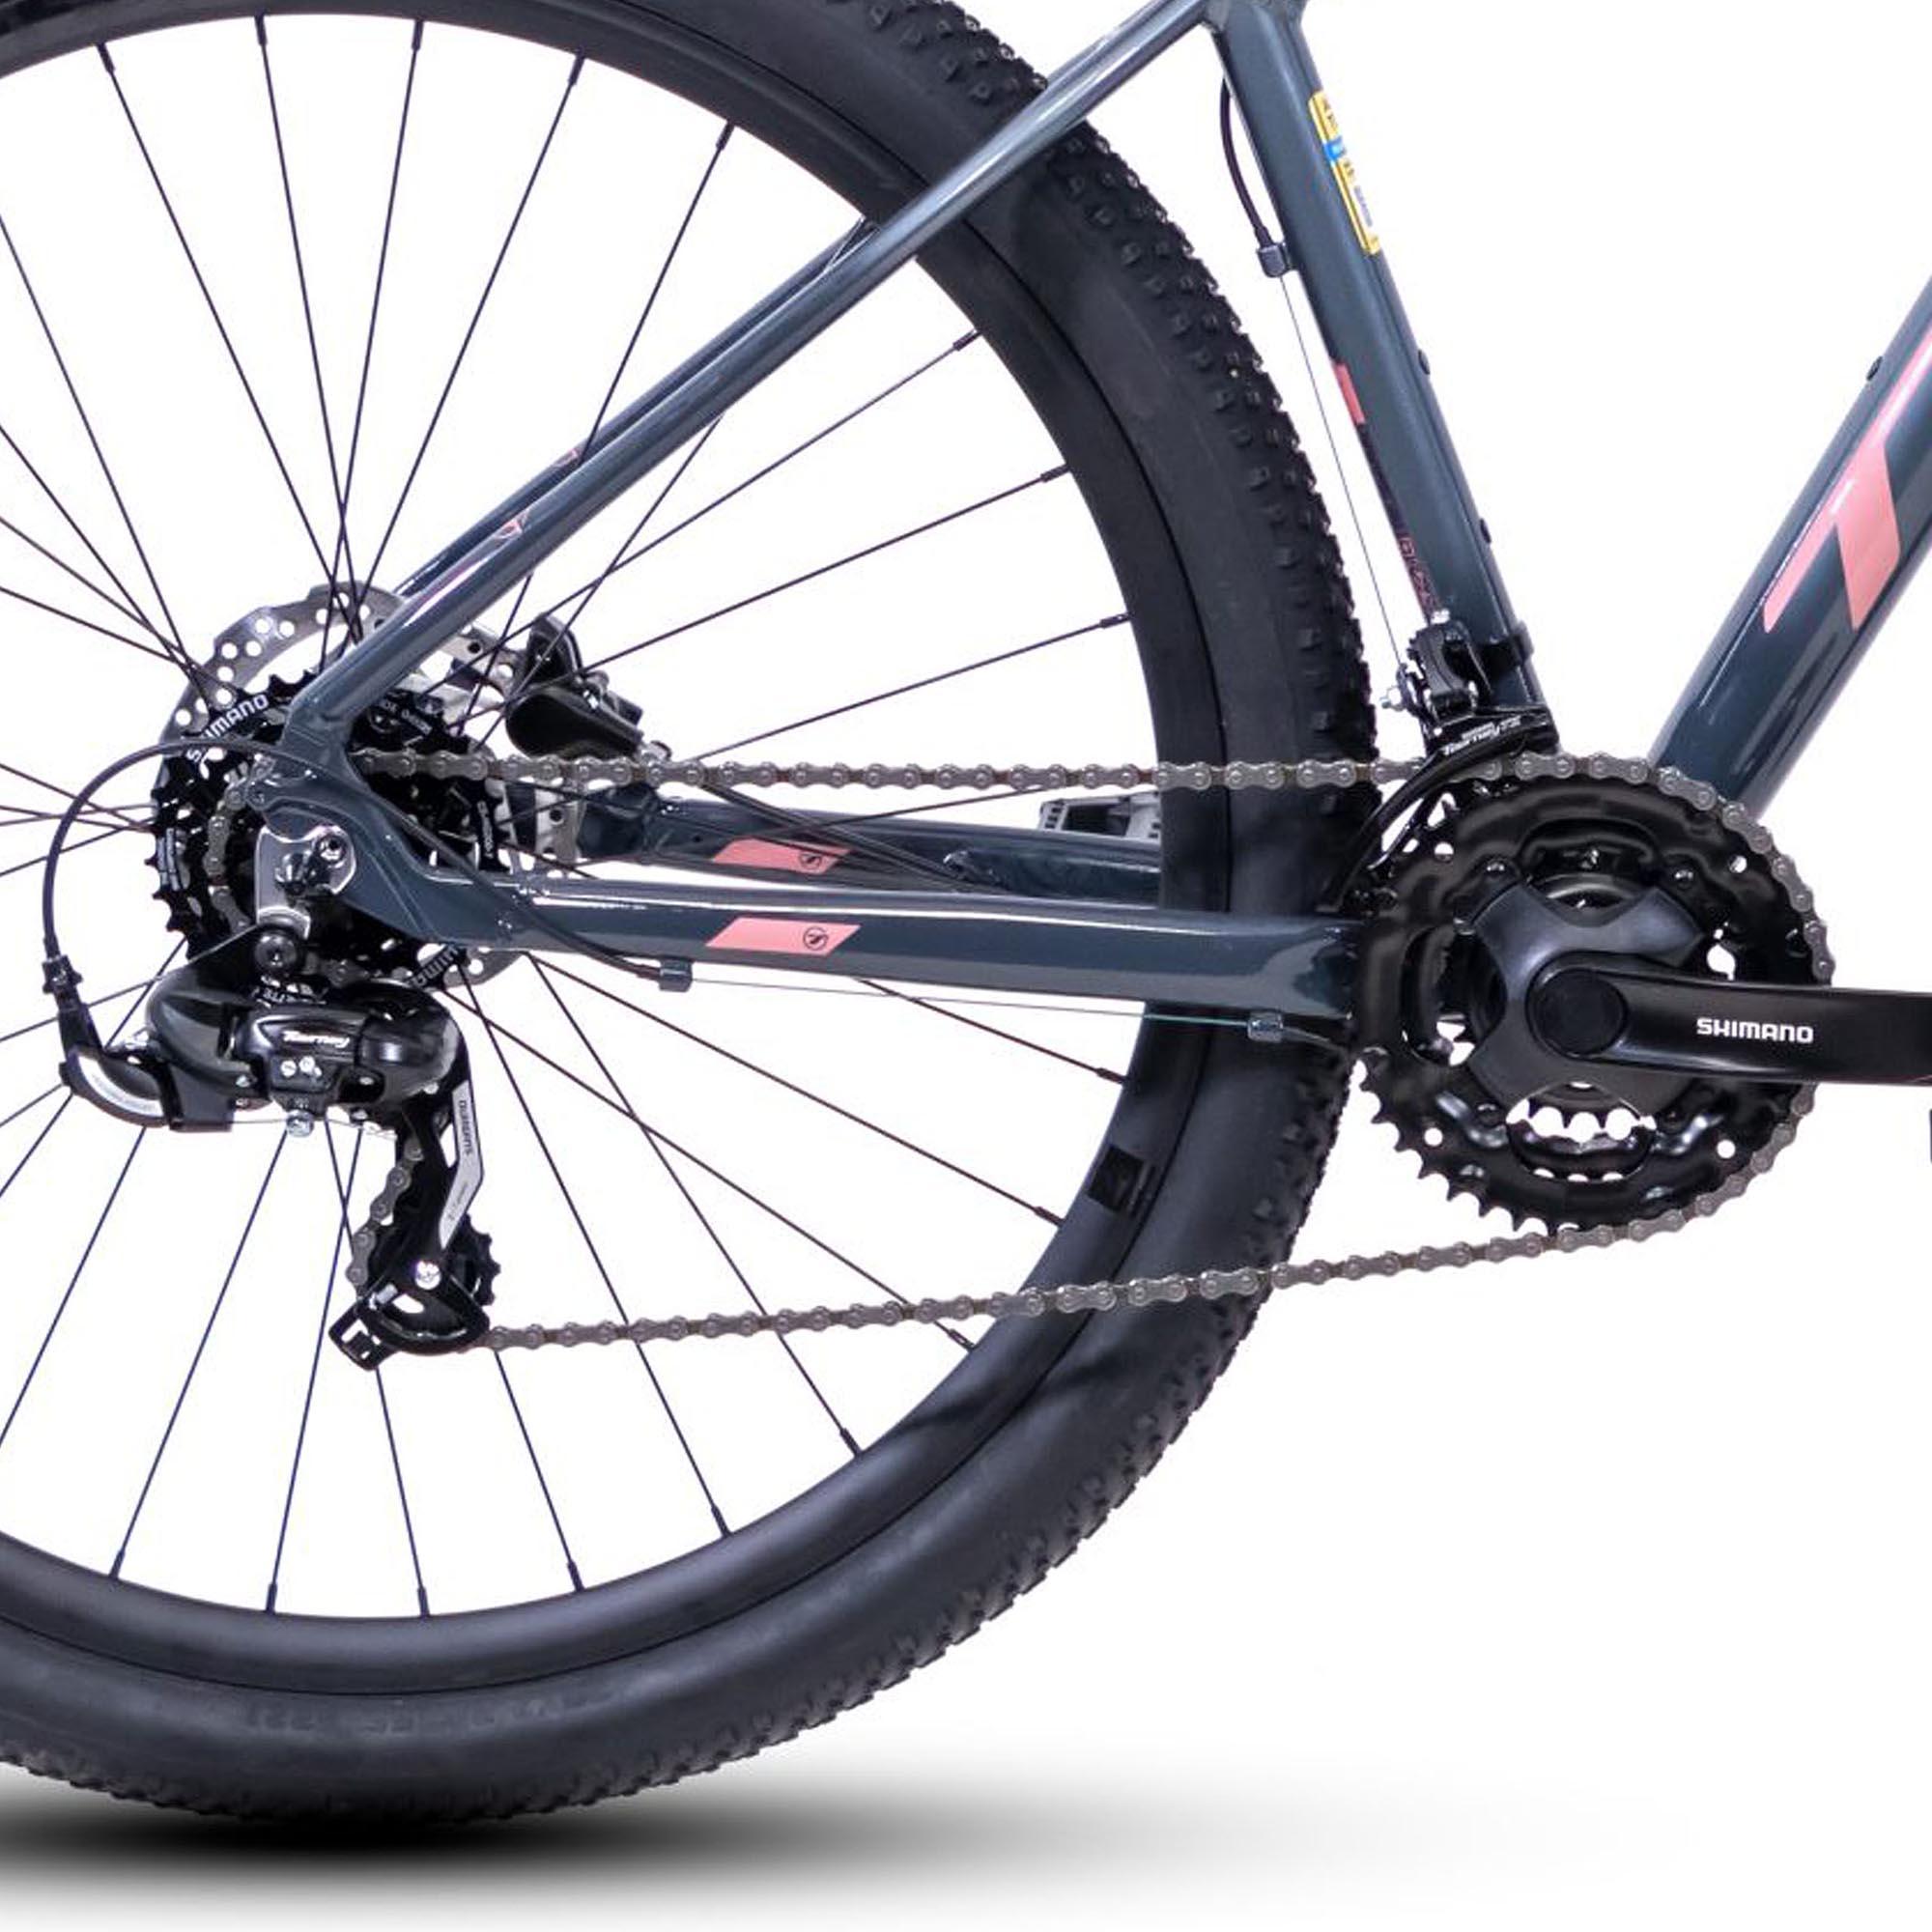 Bicicleta Aro 29 TSW Ride Plus Shimano Tourney, Suspensão TSW, Freio TSW